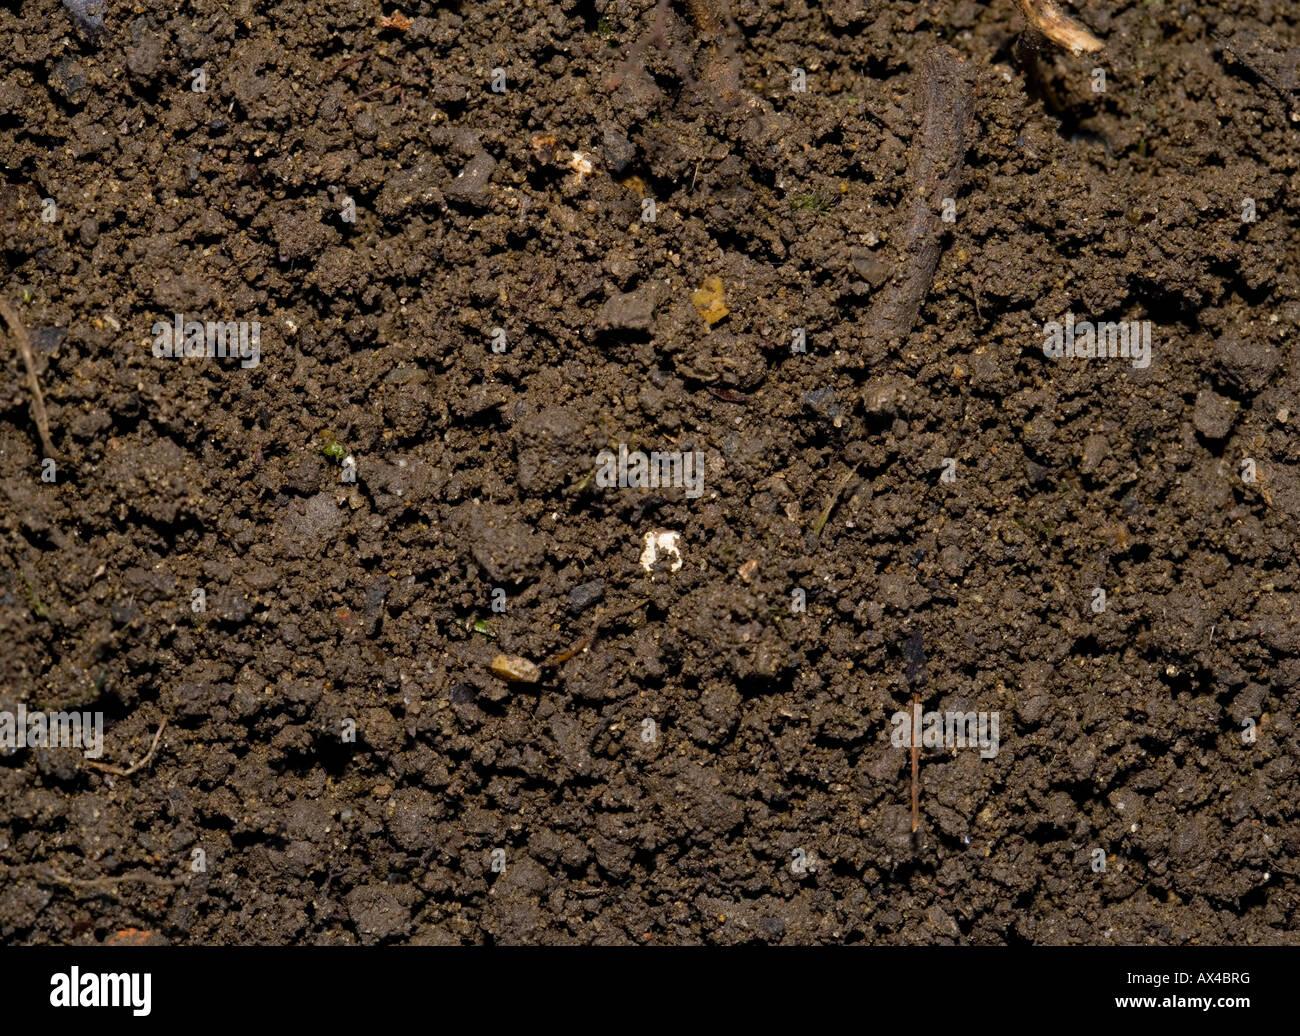 Weed free garden soil - Stock Image